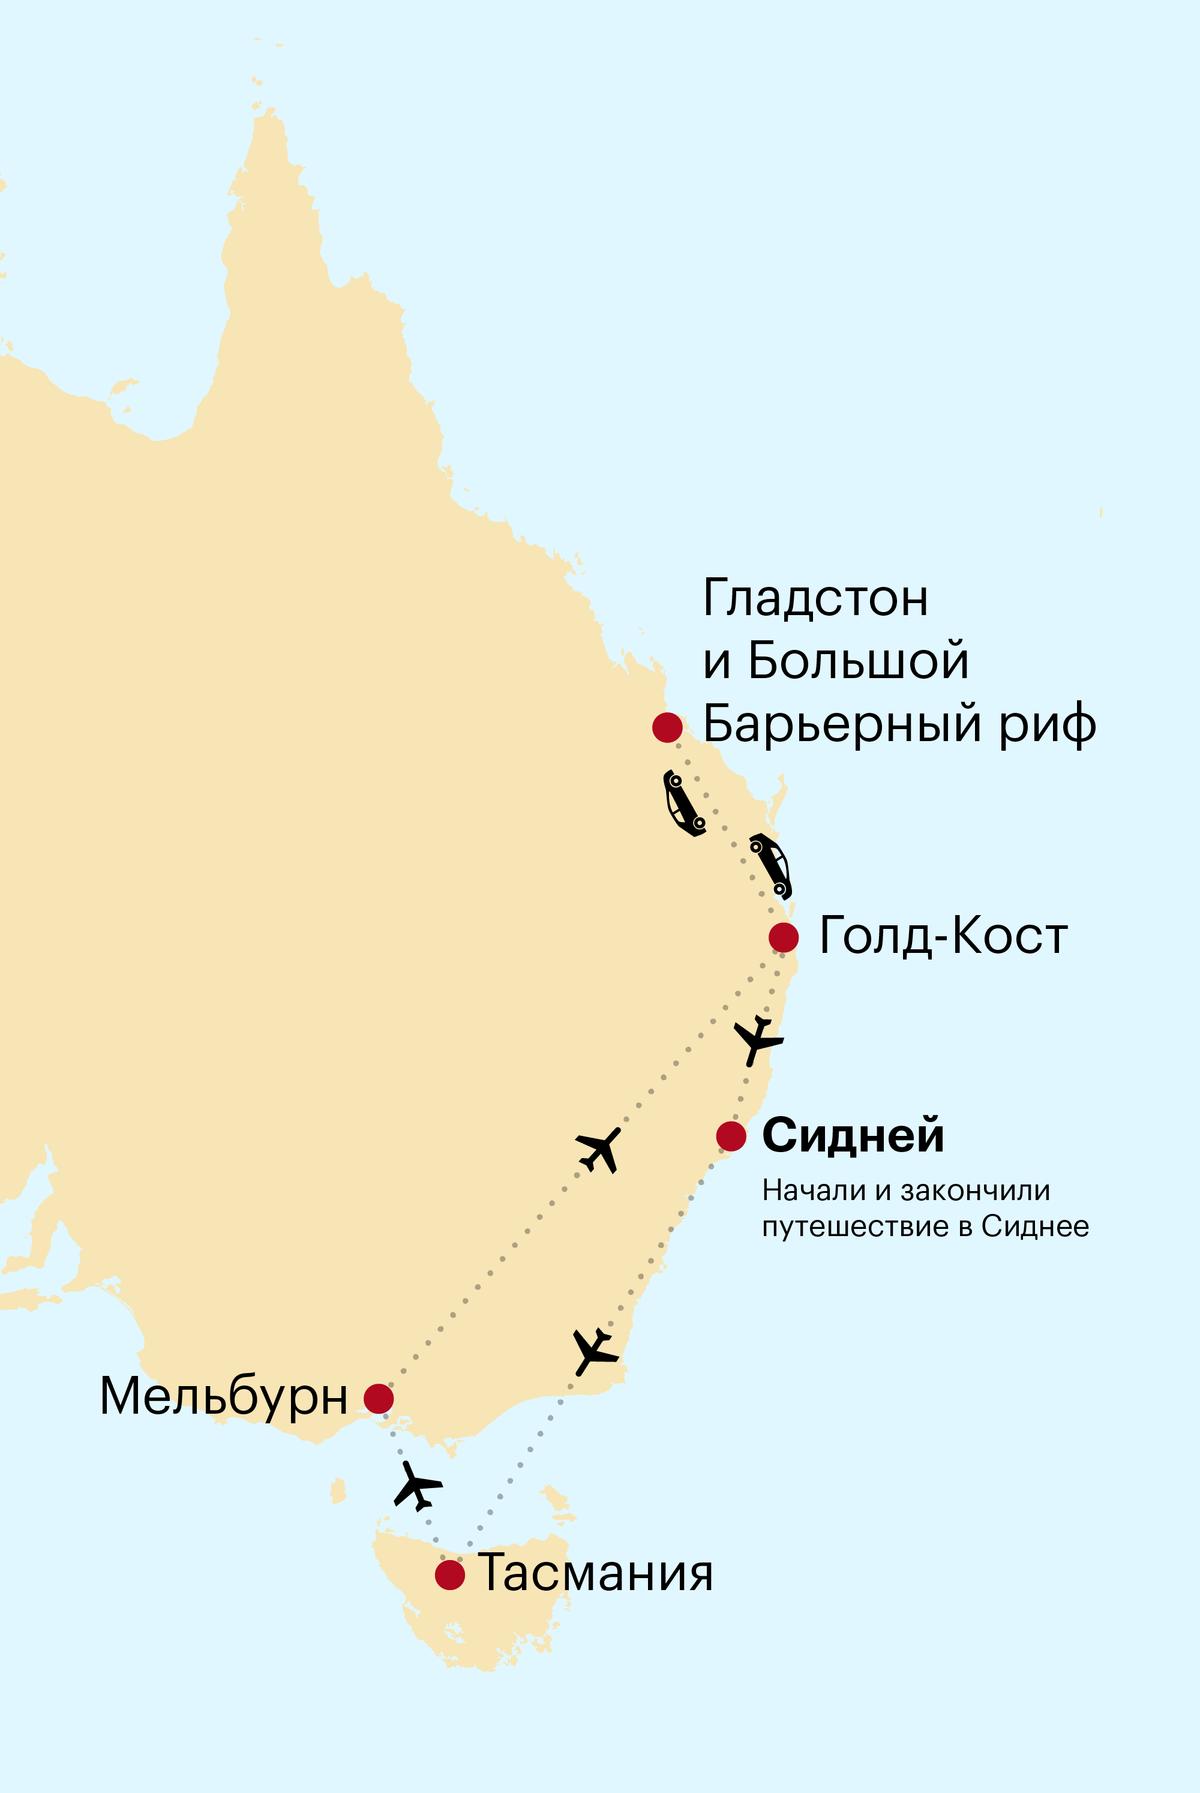 Наше путешествие по Австралии: Сидней — Тасмания — Мельбурн — Голд-Кост — Большой Барьерный риф — Сидней